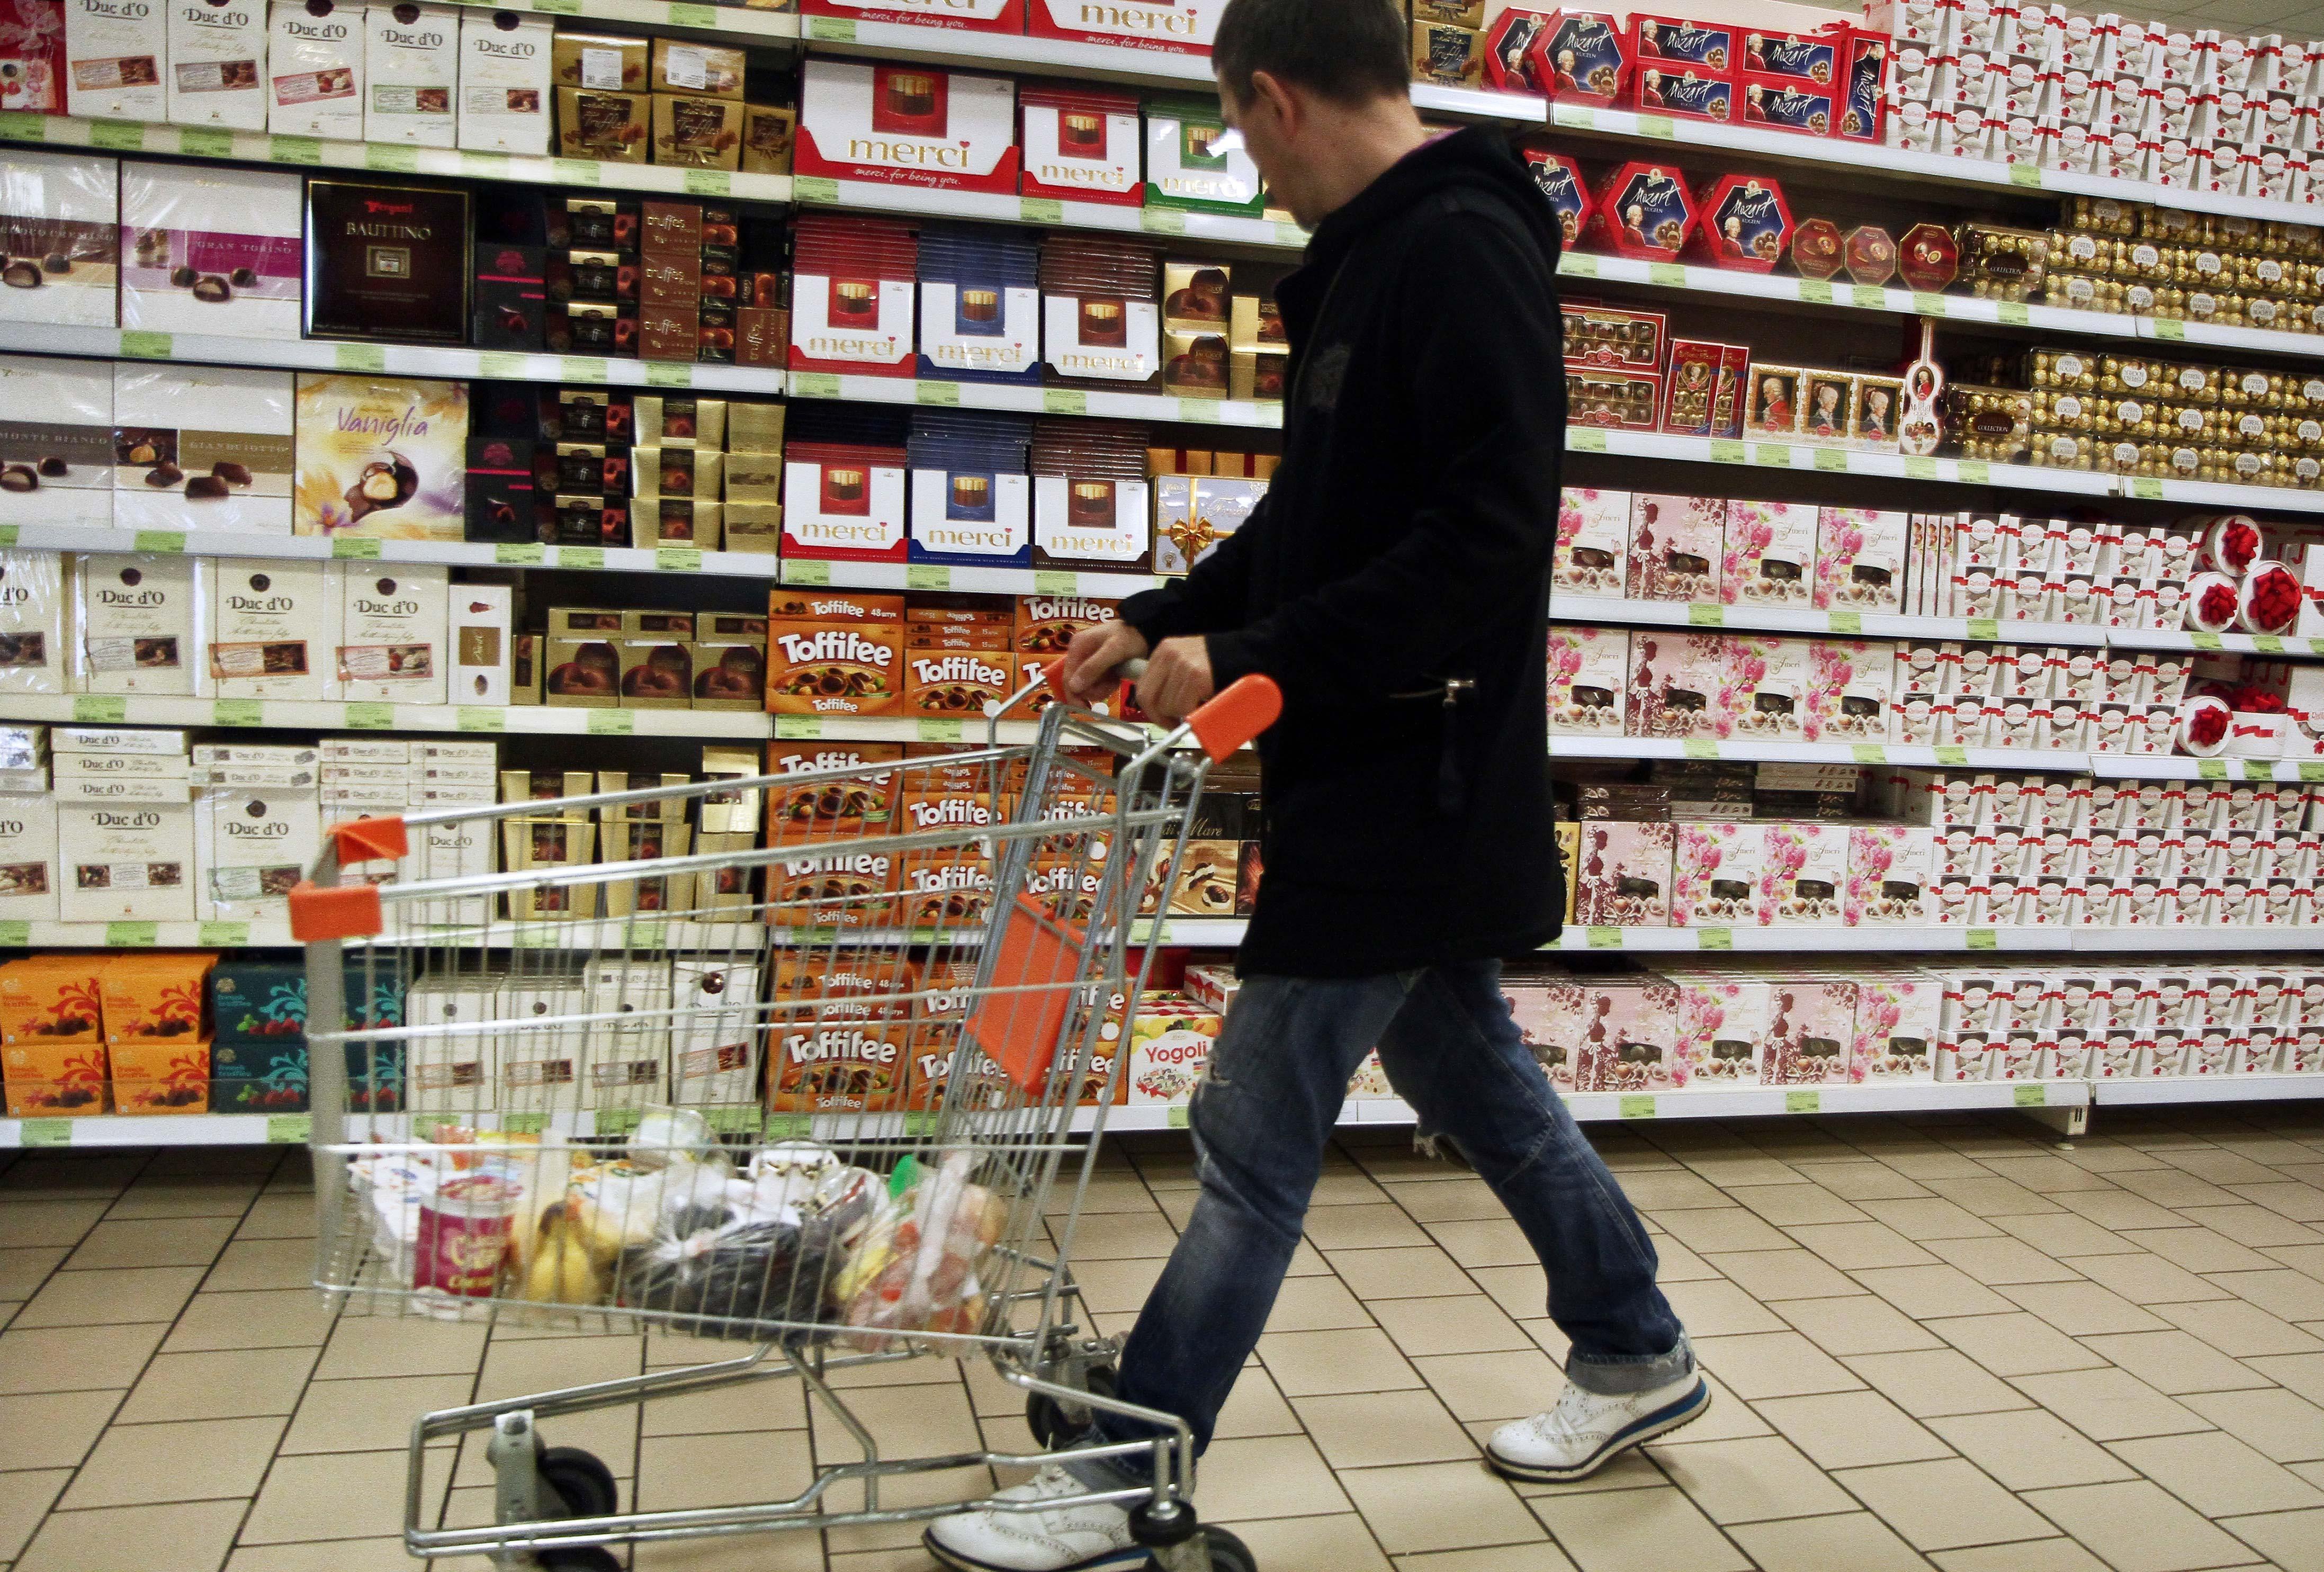 Според мнението на руските чиновници контрасанкциите на Русия срещу селскостопанските производители от Европа, САЩ, Канада и Австралия помагат за развитието на националния бизнес.